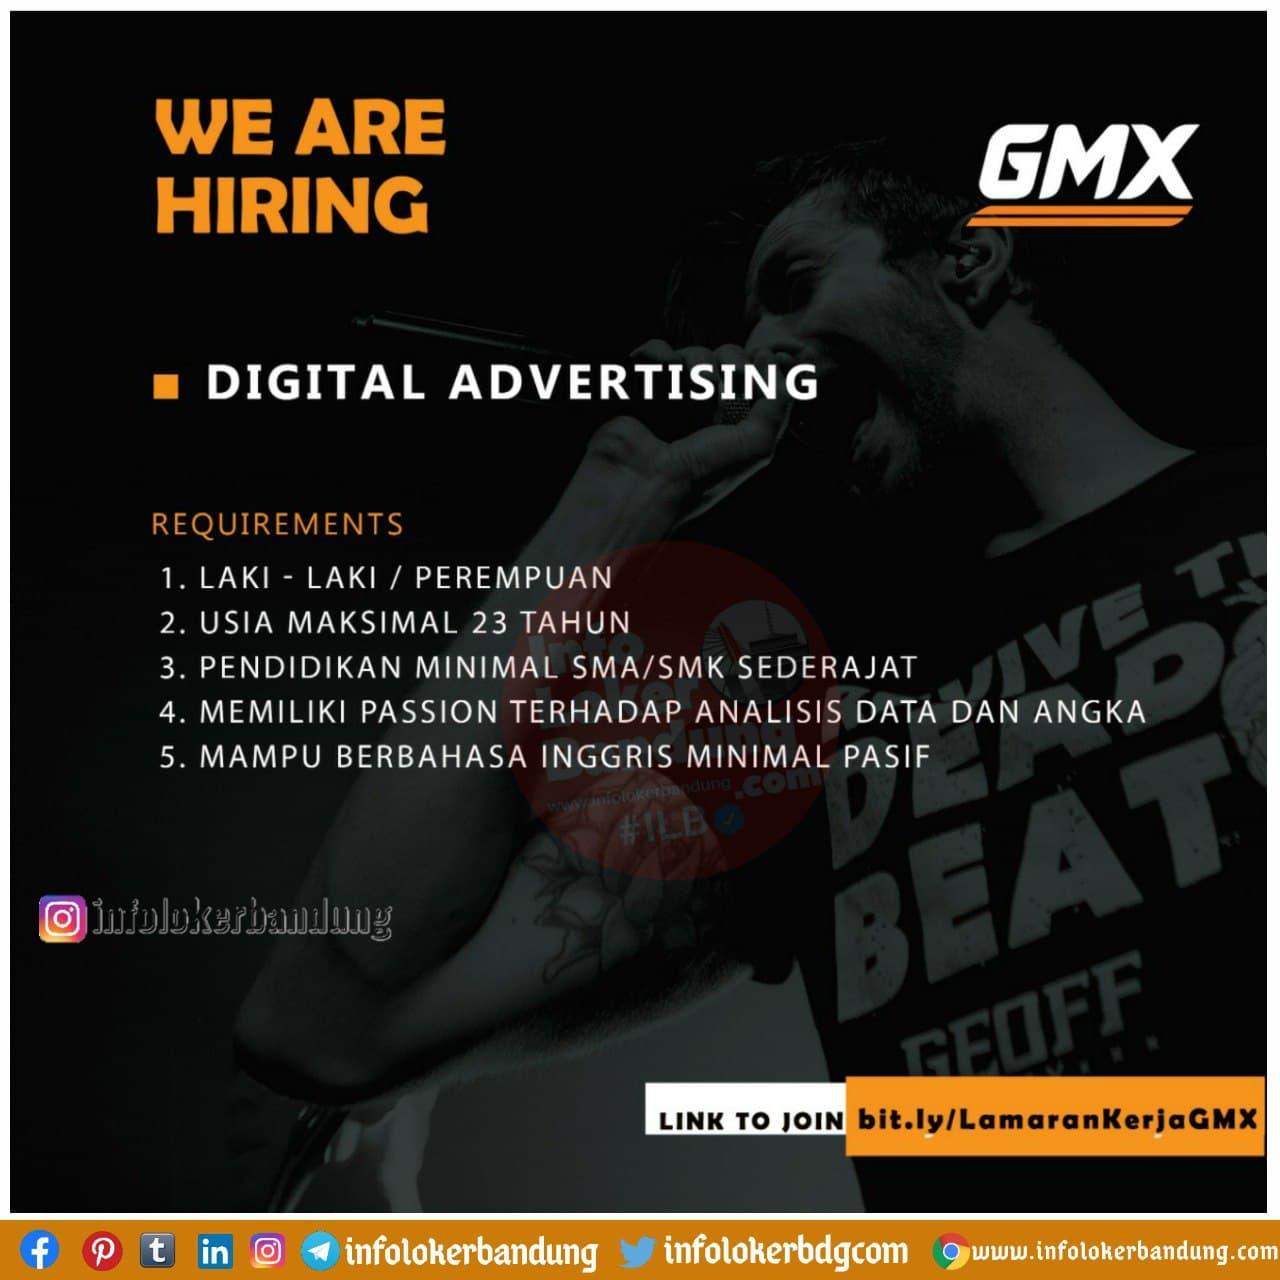 Lowongan Kerja Digital Advertising Gmx Bandung Januari 2021